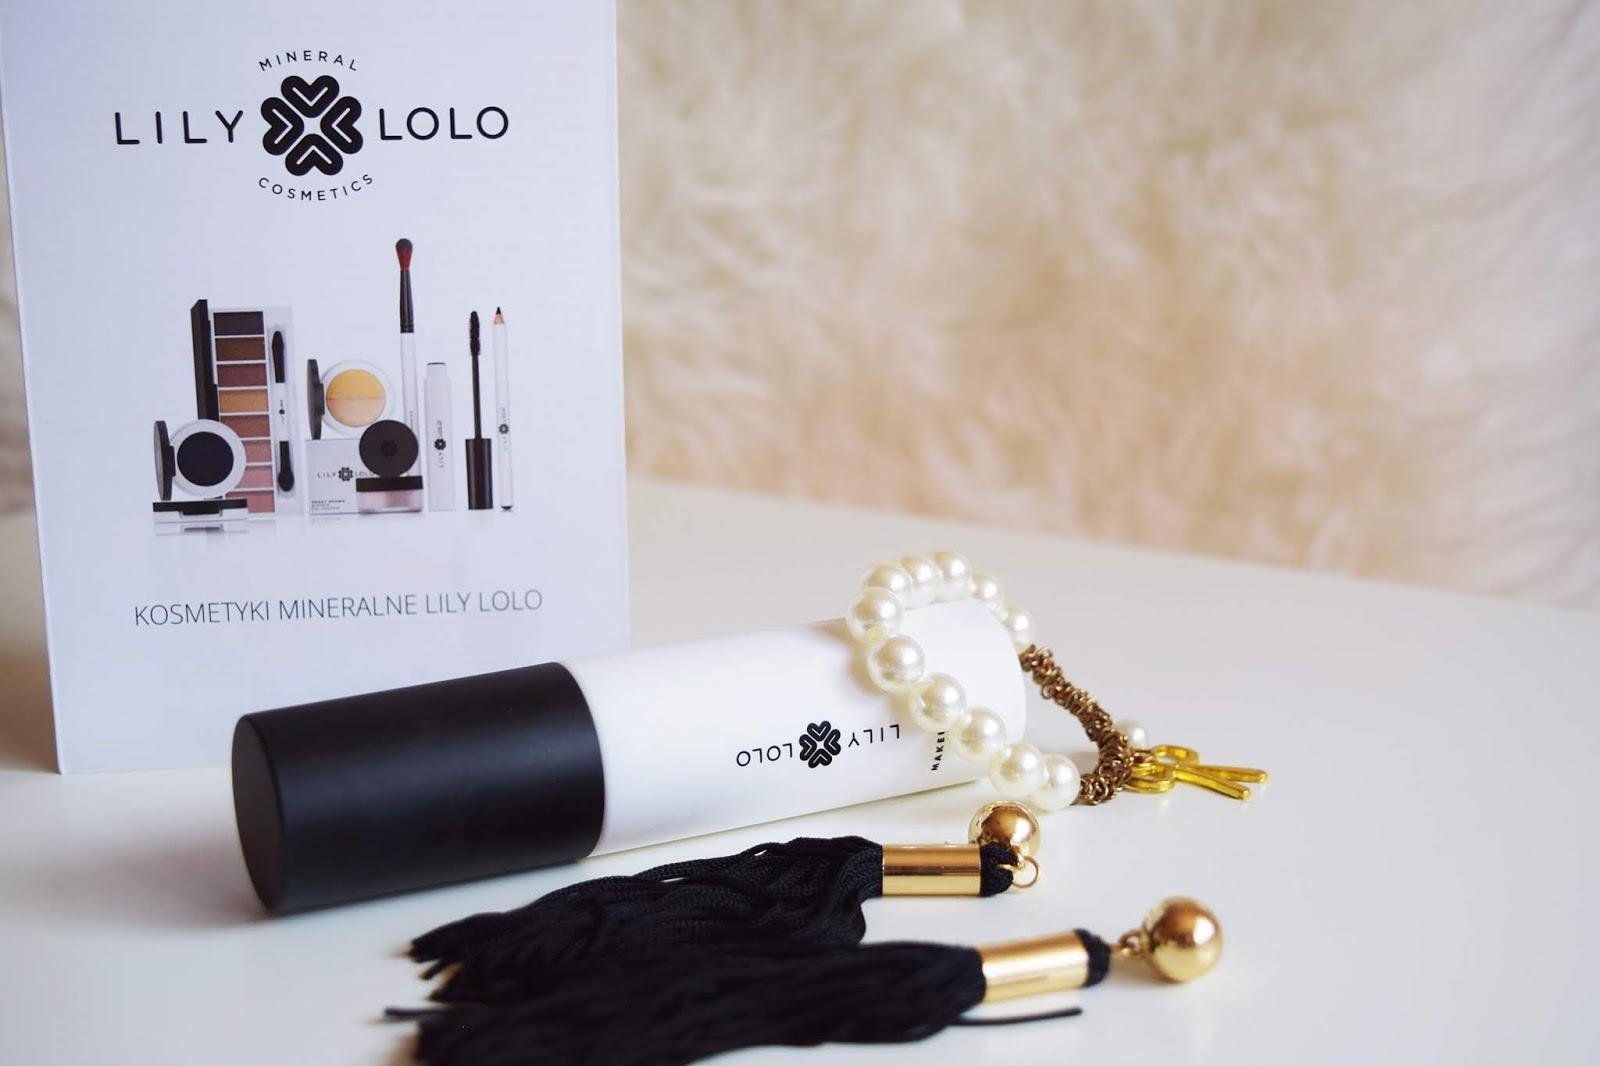 Kosmetyki mineralne: Lily Lolo